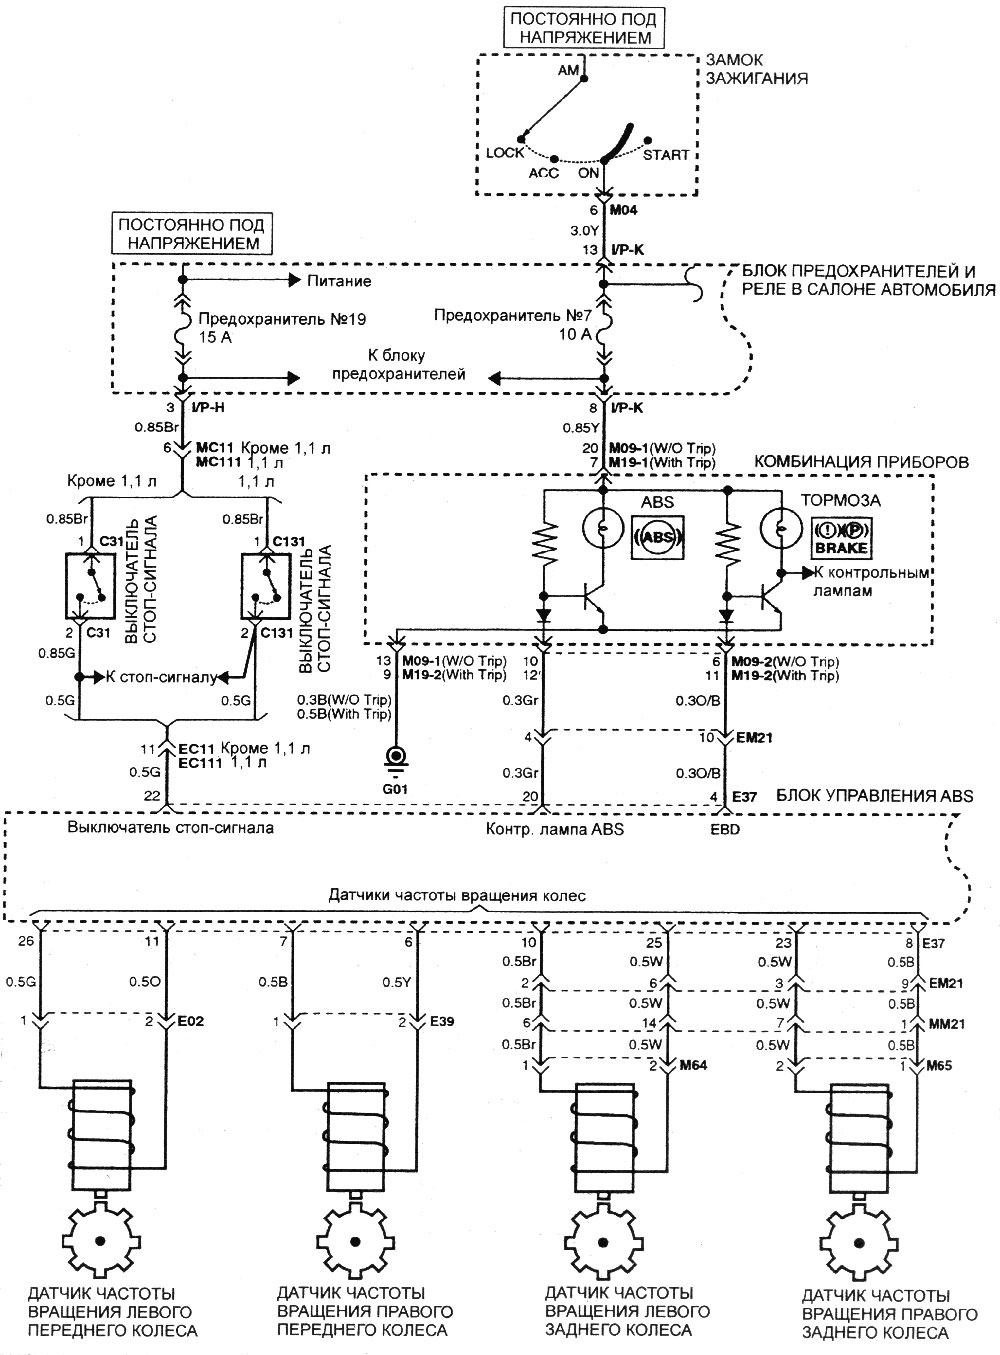 Электрическая схема антиблокировочной тормозной системы.